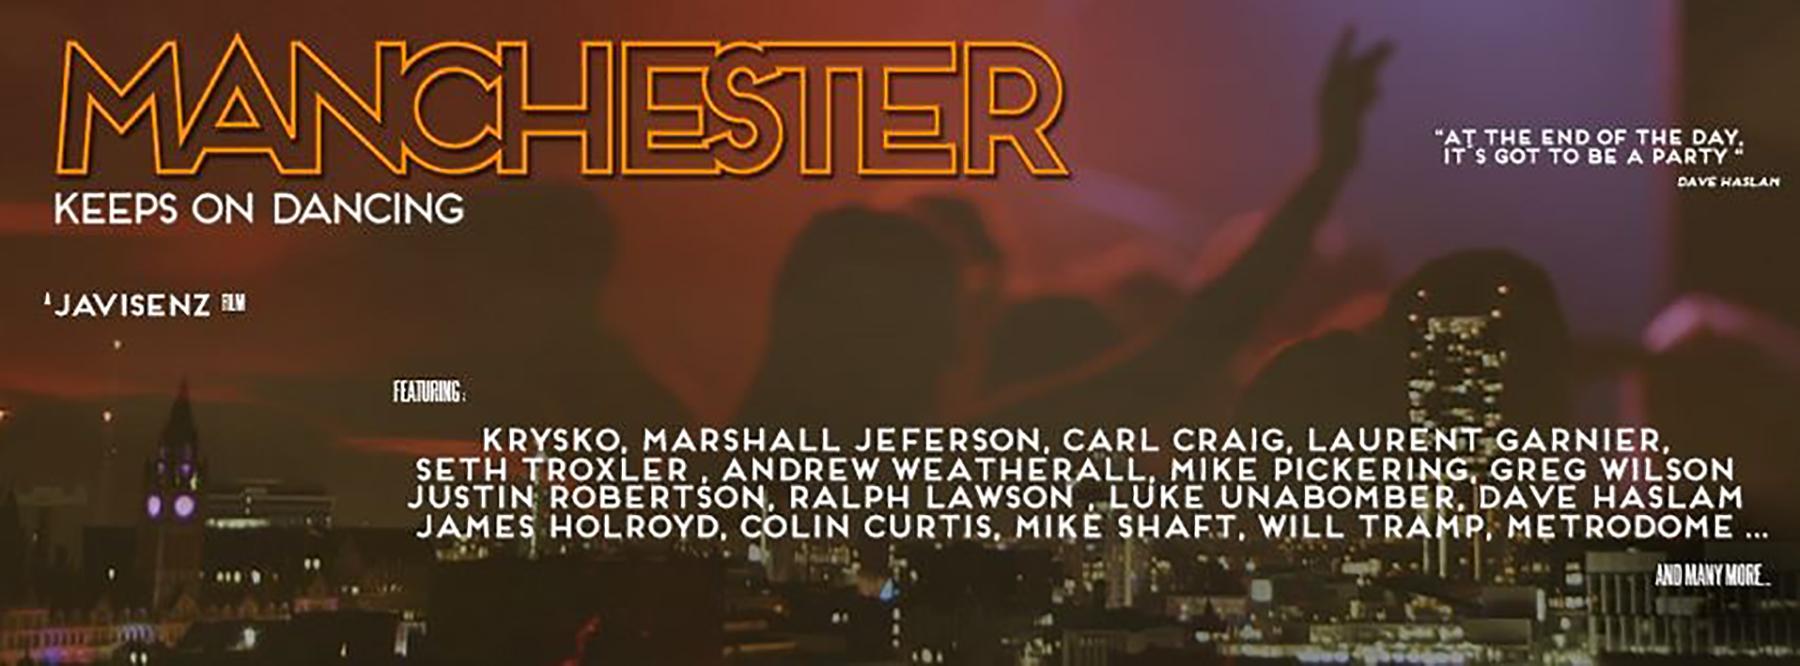 Manchester-dancing2a